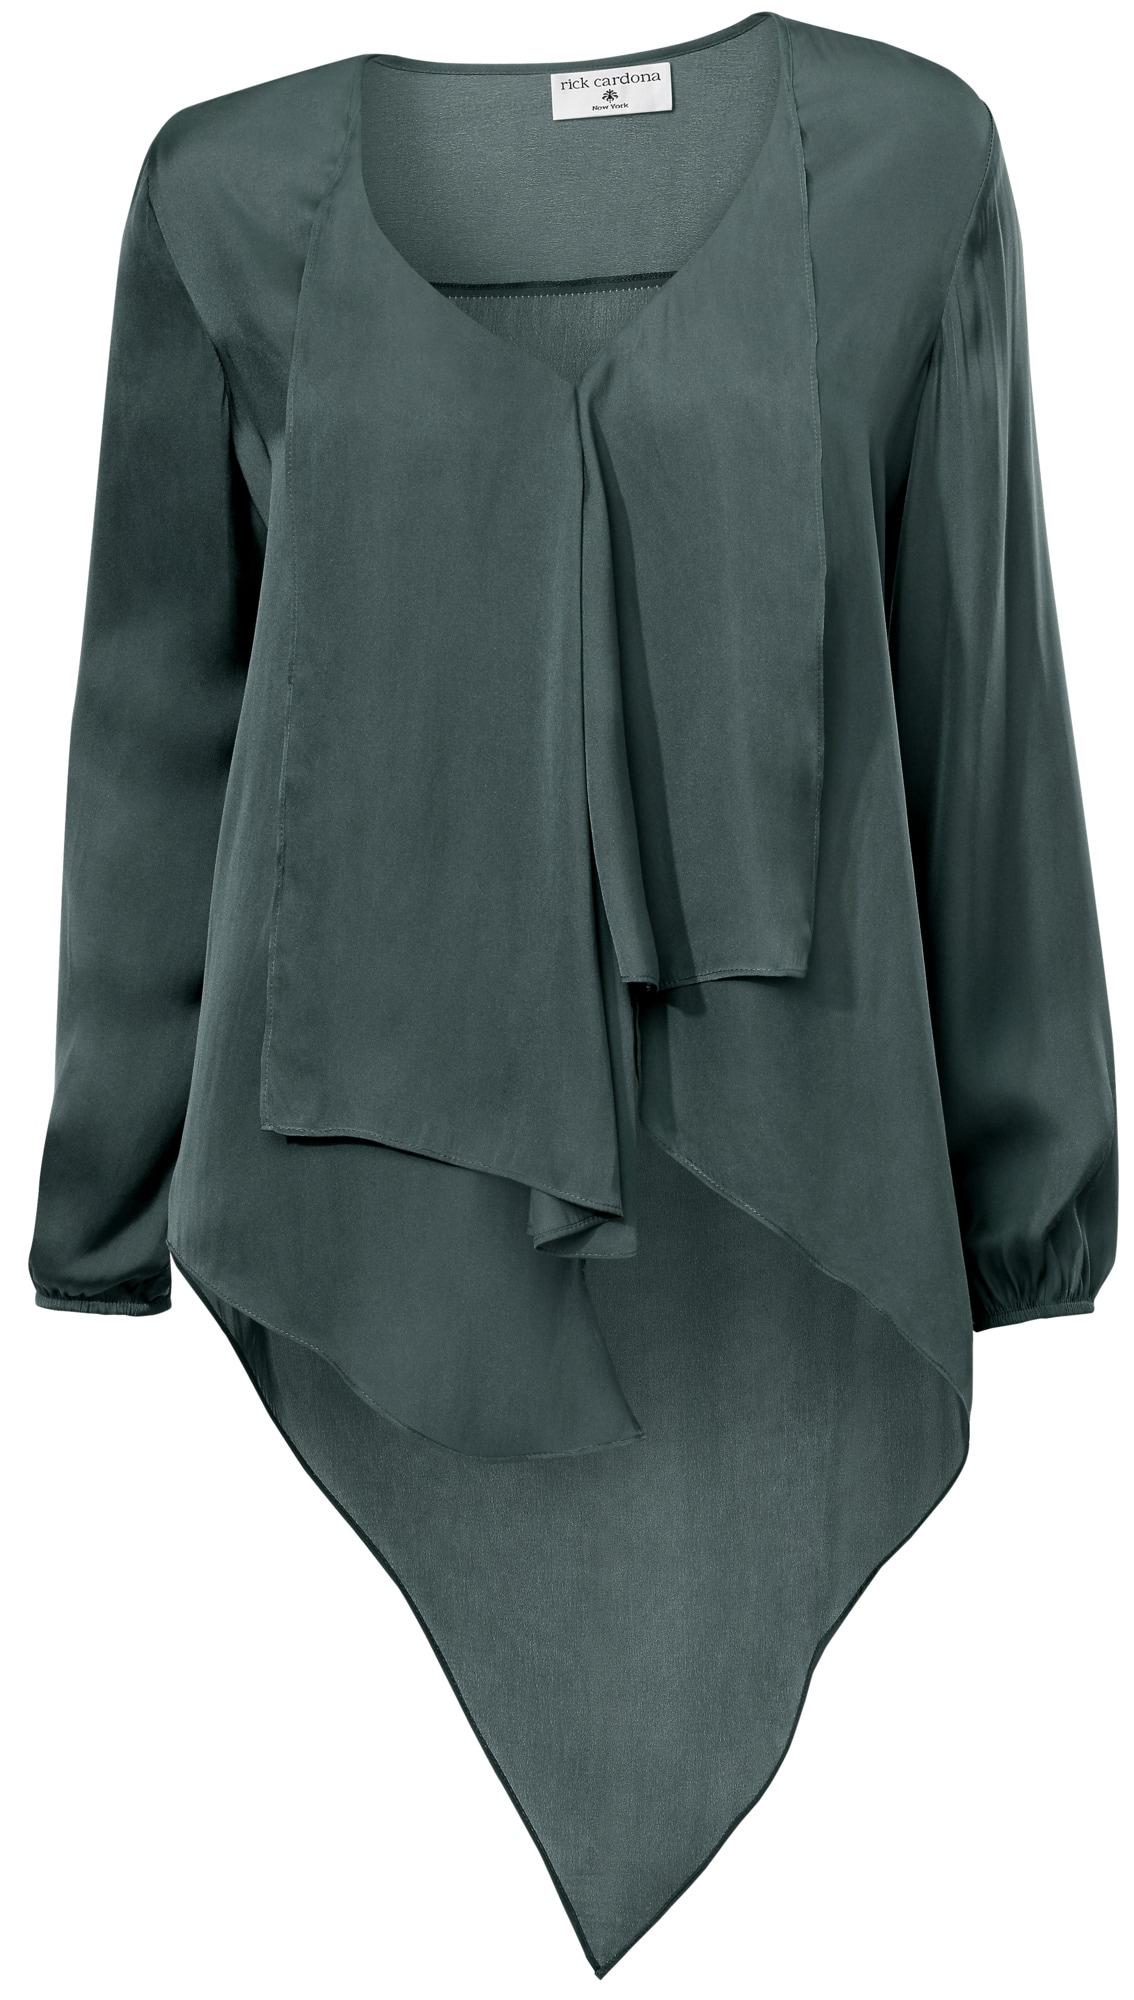 ef6e22815a798 Bildquelle: heine STYLE kragenlose Bluse mit verlängertem Rückteil